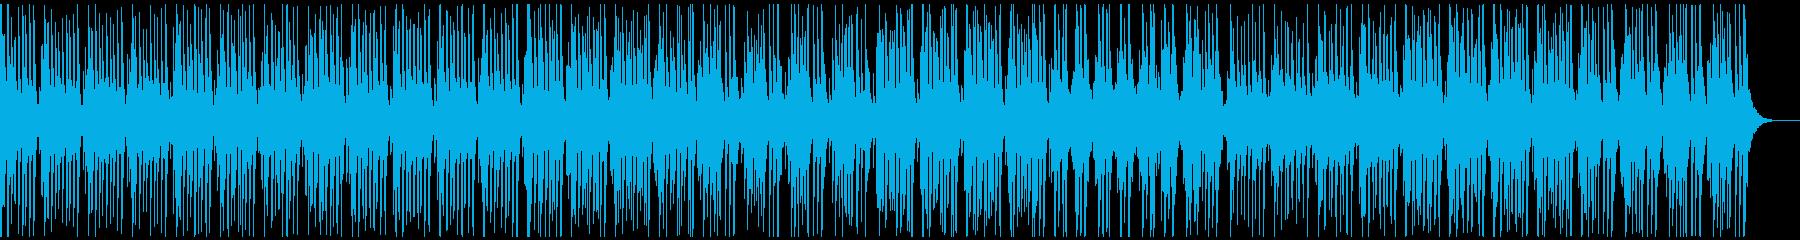 重厚・壮大・扇動的なミリタリードラムの再生済みの波形